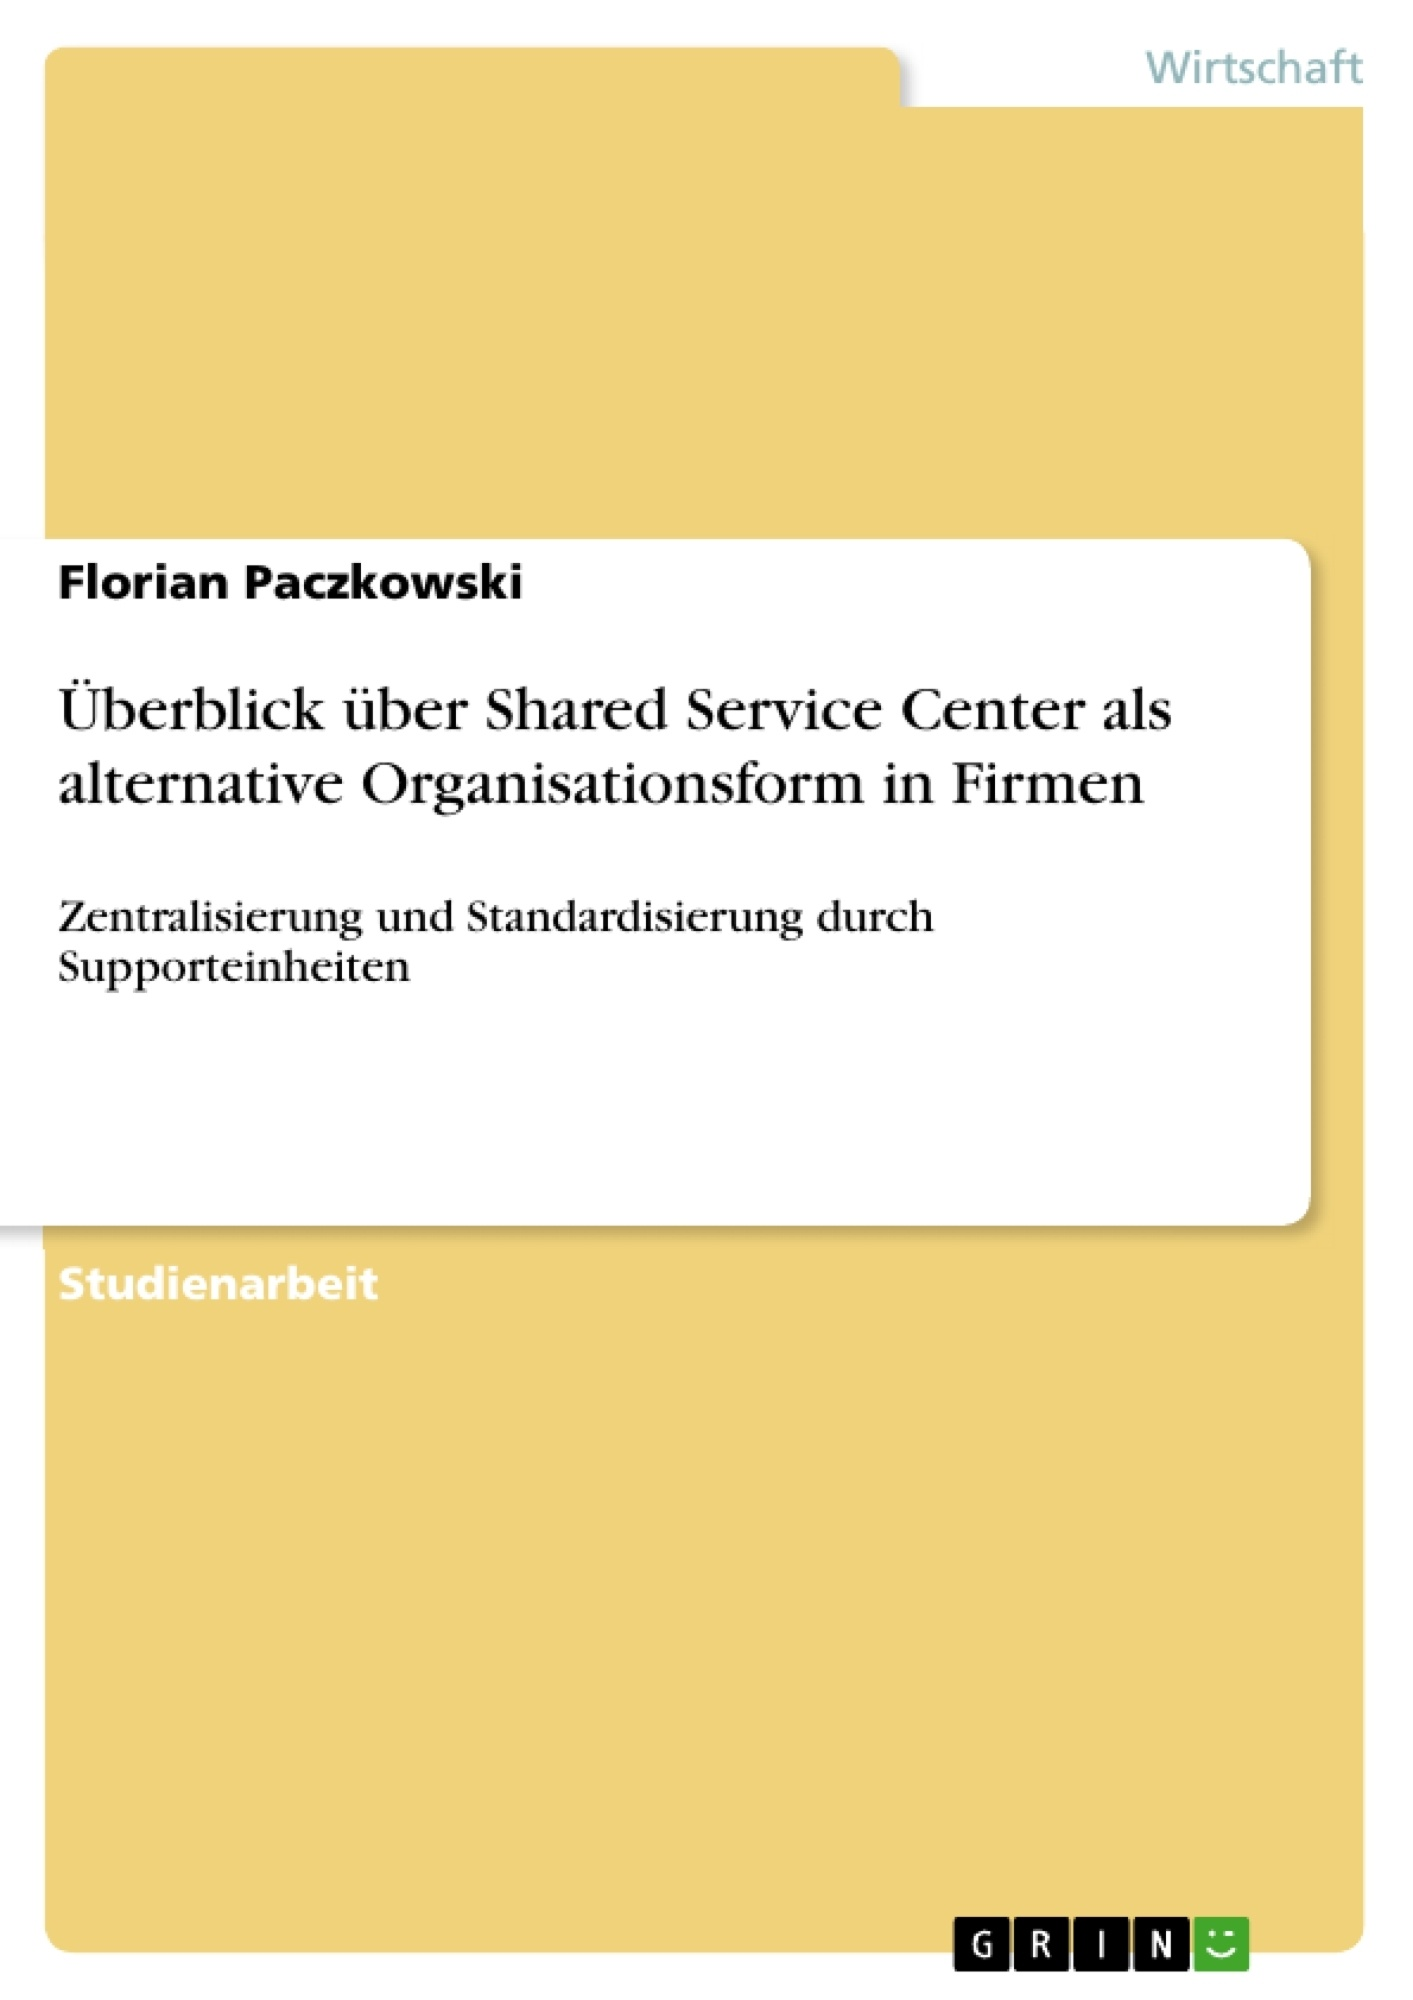 Titel: Überblick über Shared Service Center als alternative Organisationsform in Firmen